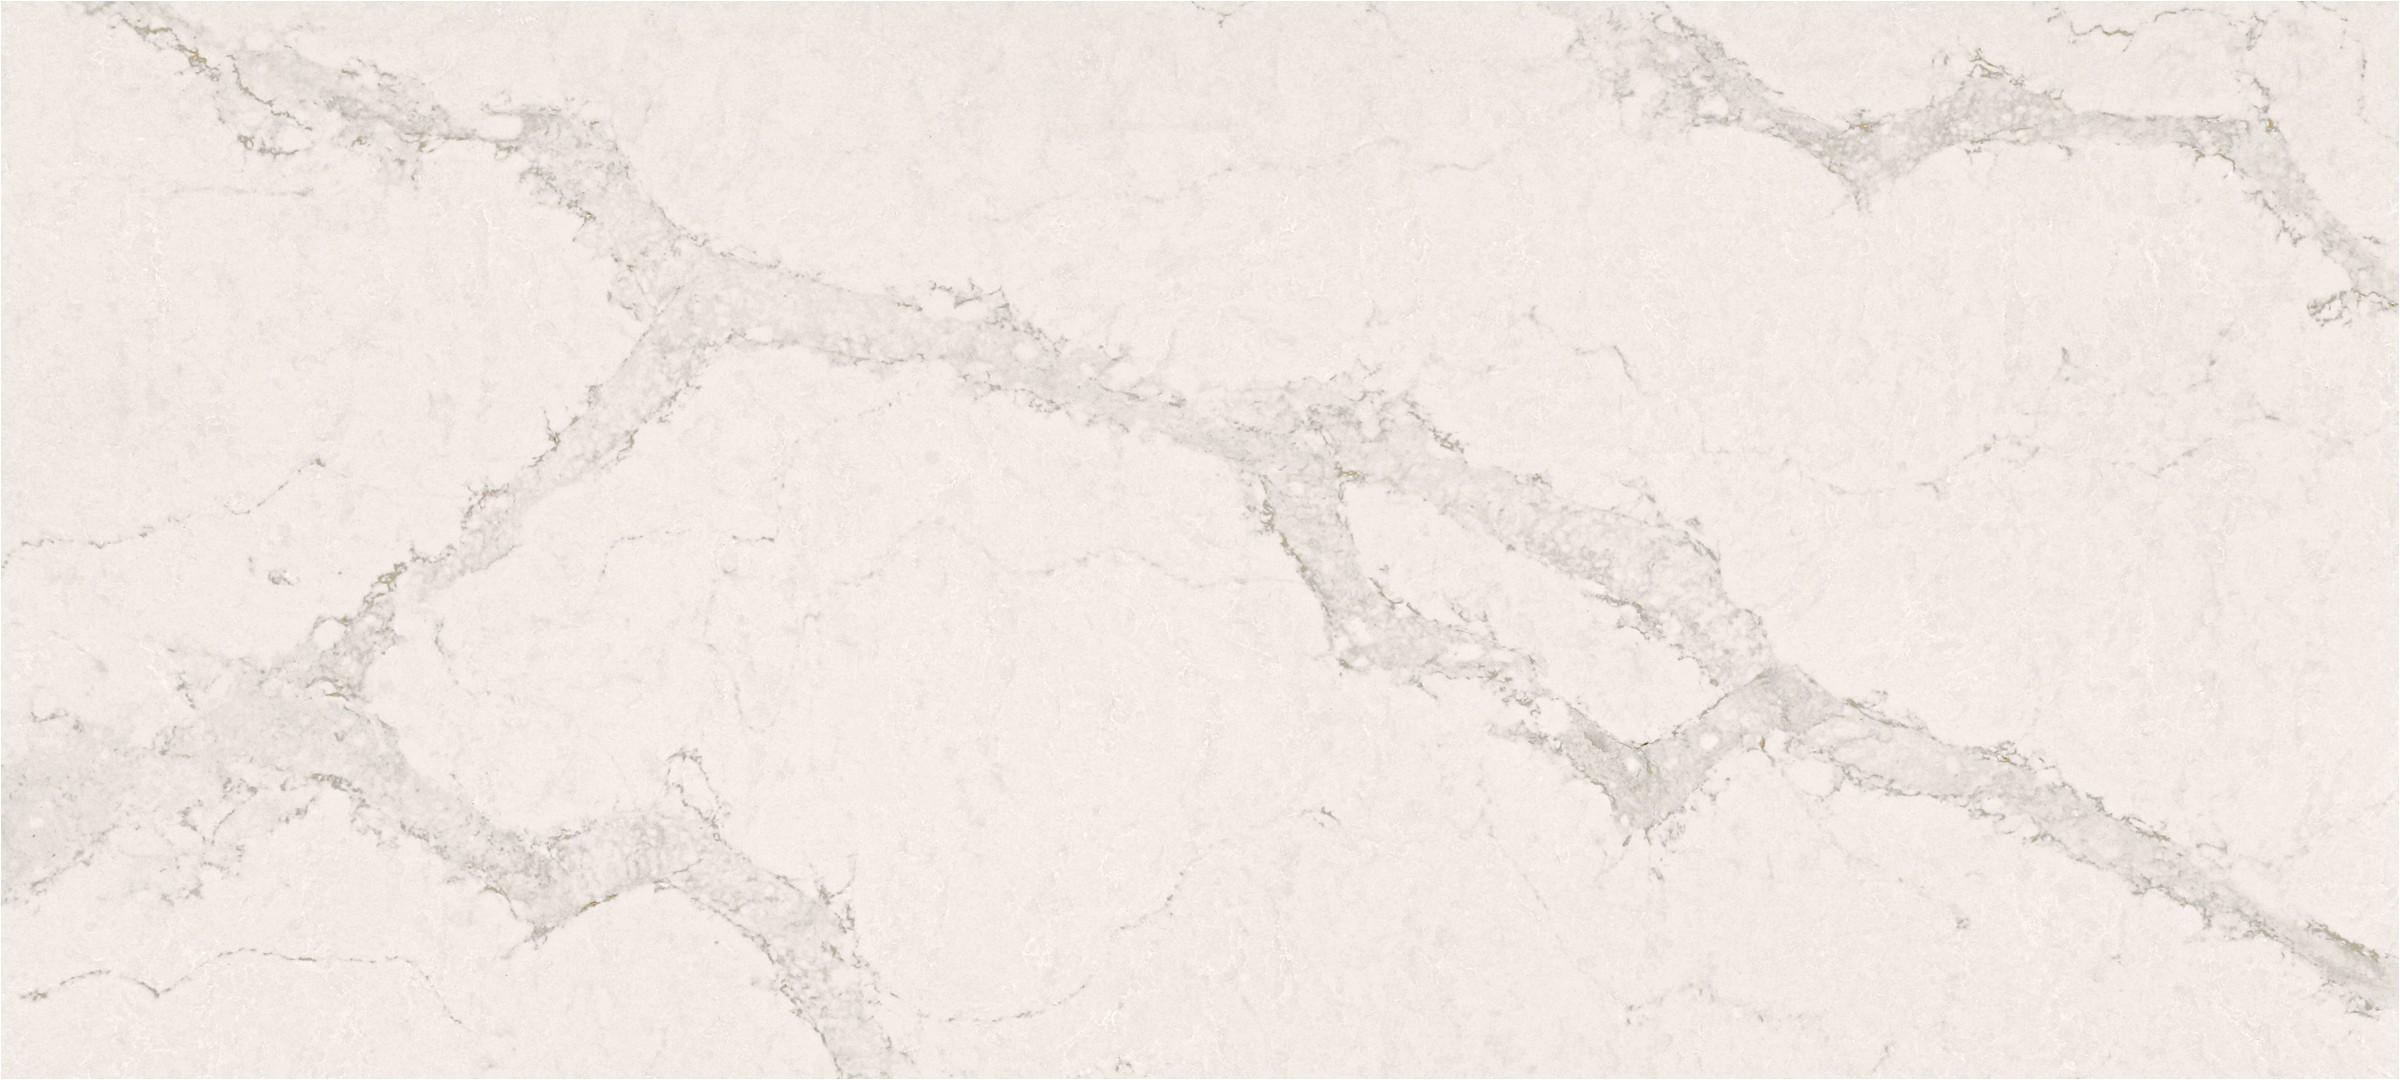 Caesarstone Jumbo Slab Size Caesarstone Statuario Maximus 5031 Calico White Quartz Countertop